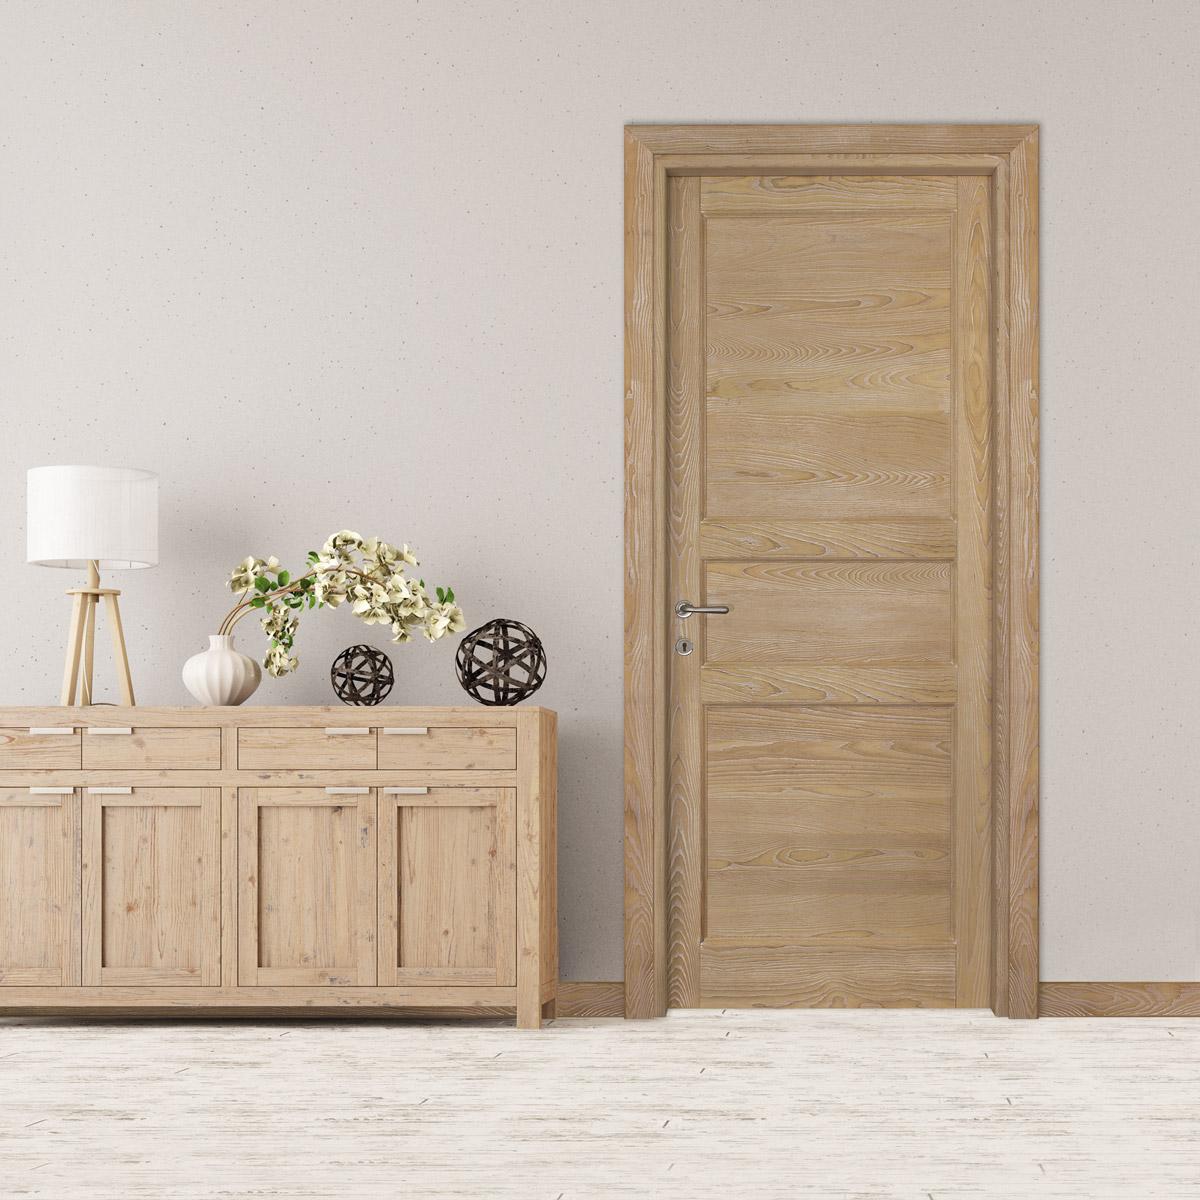 MICHELONI PORTE - Porte in legno massello - Made in Italy ...